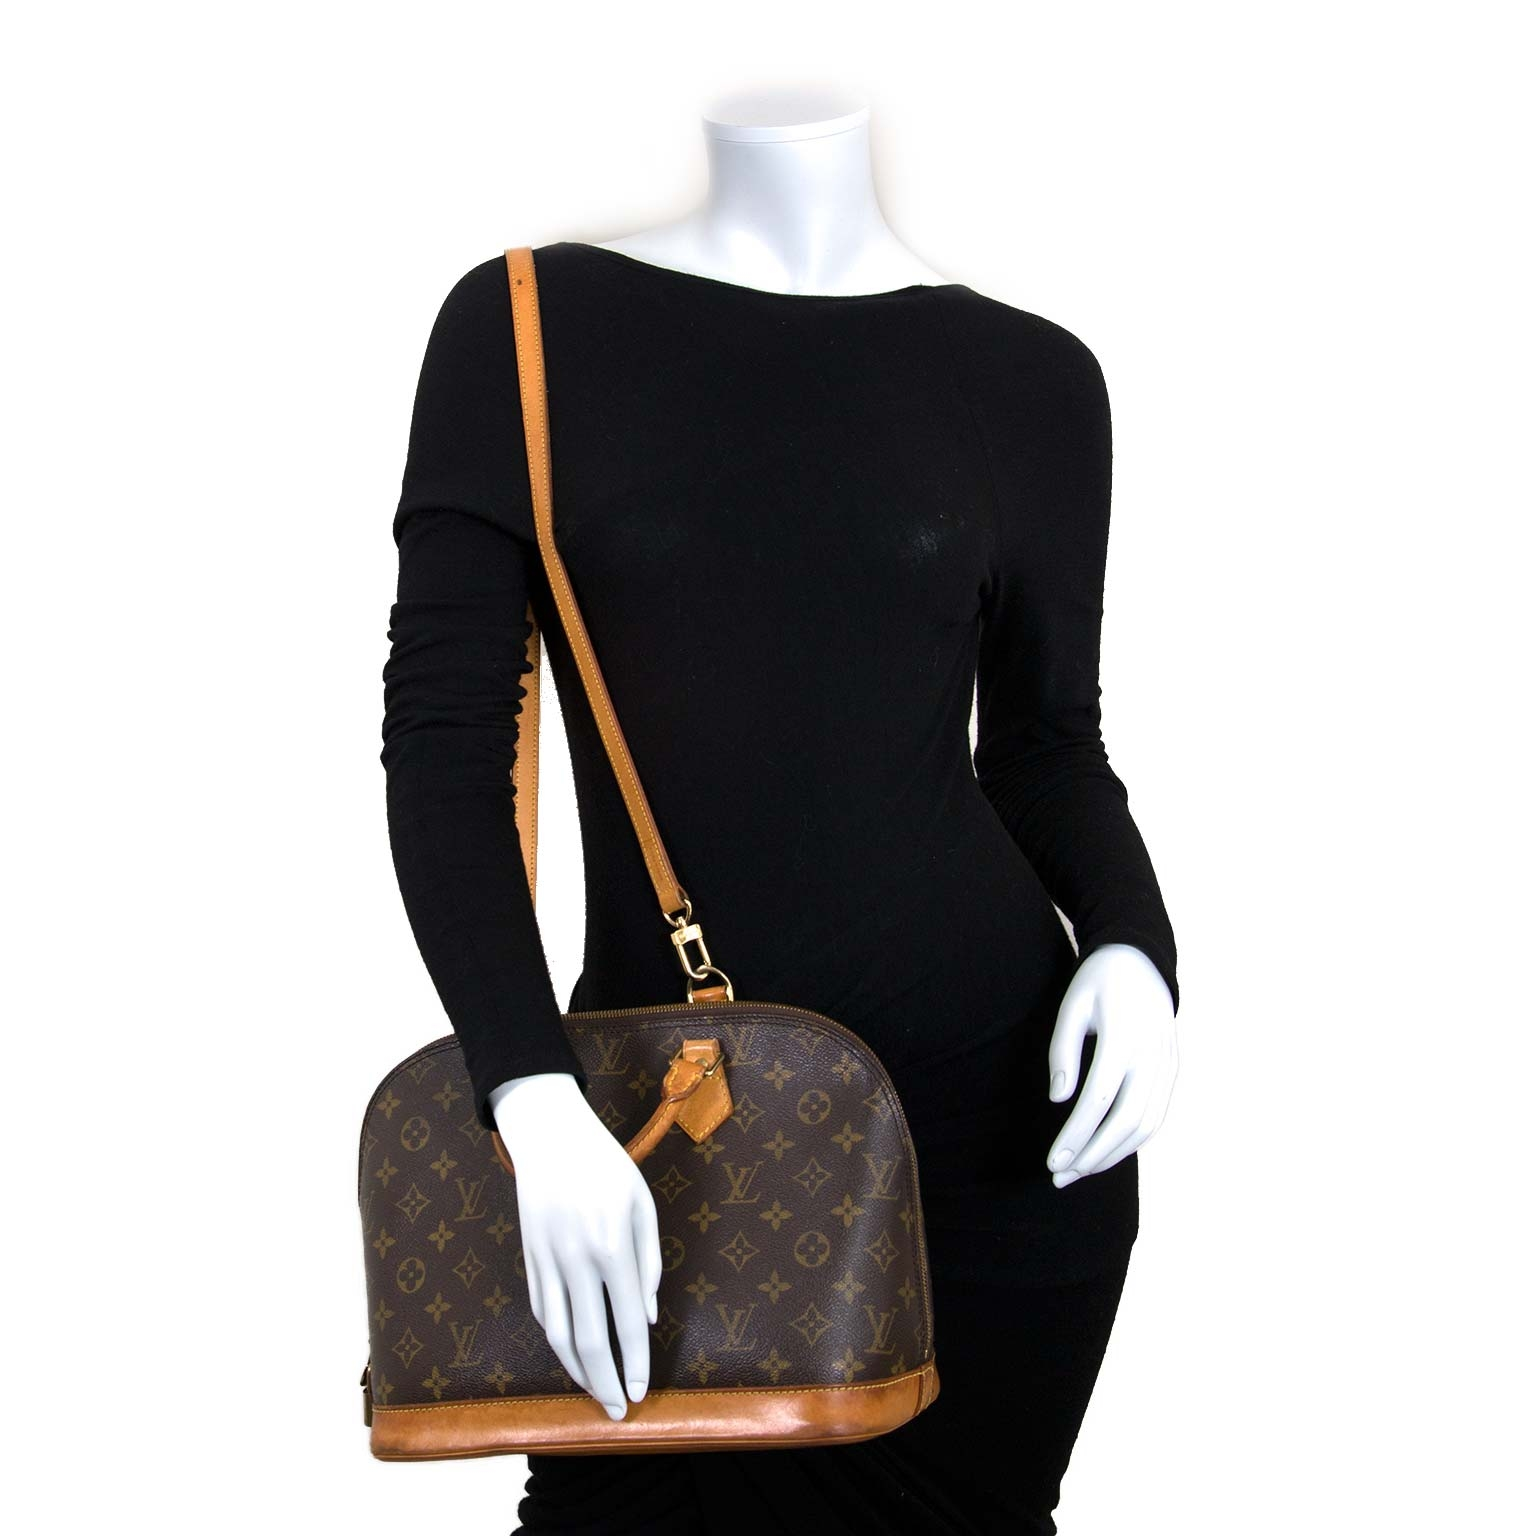 1ef765c4880a ... louis vuitton monogram alma pm bag now for sale at labellov vintage  fashion webshop belgium